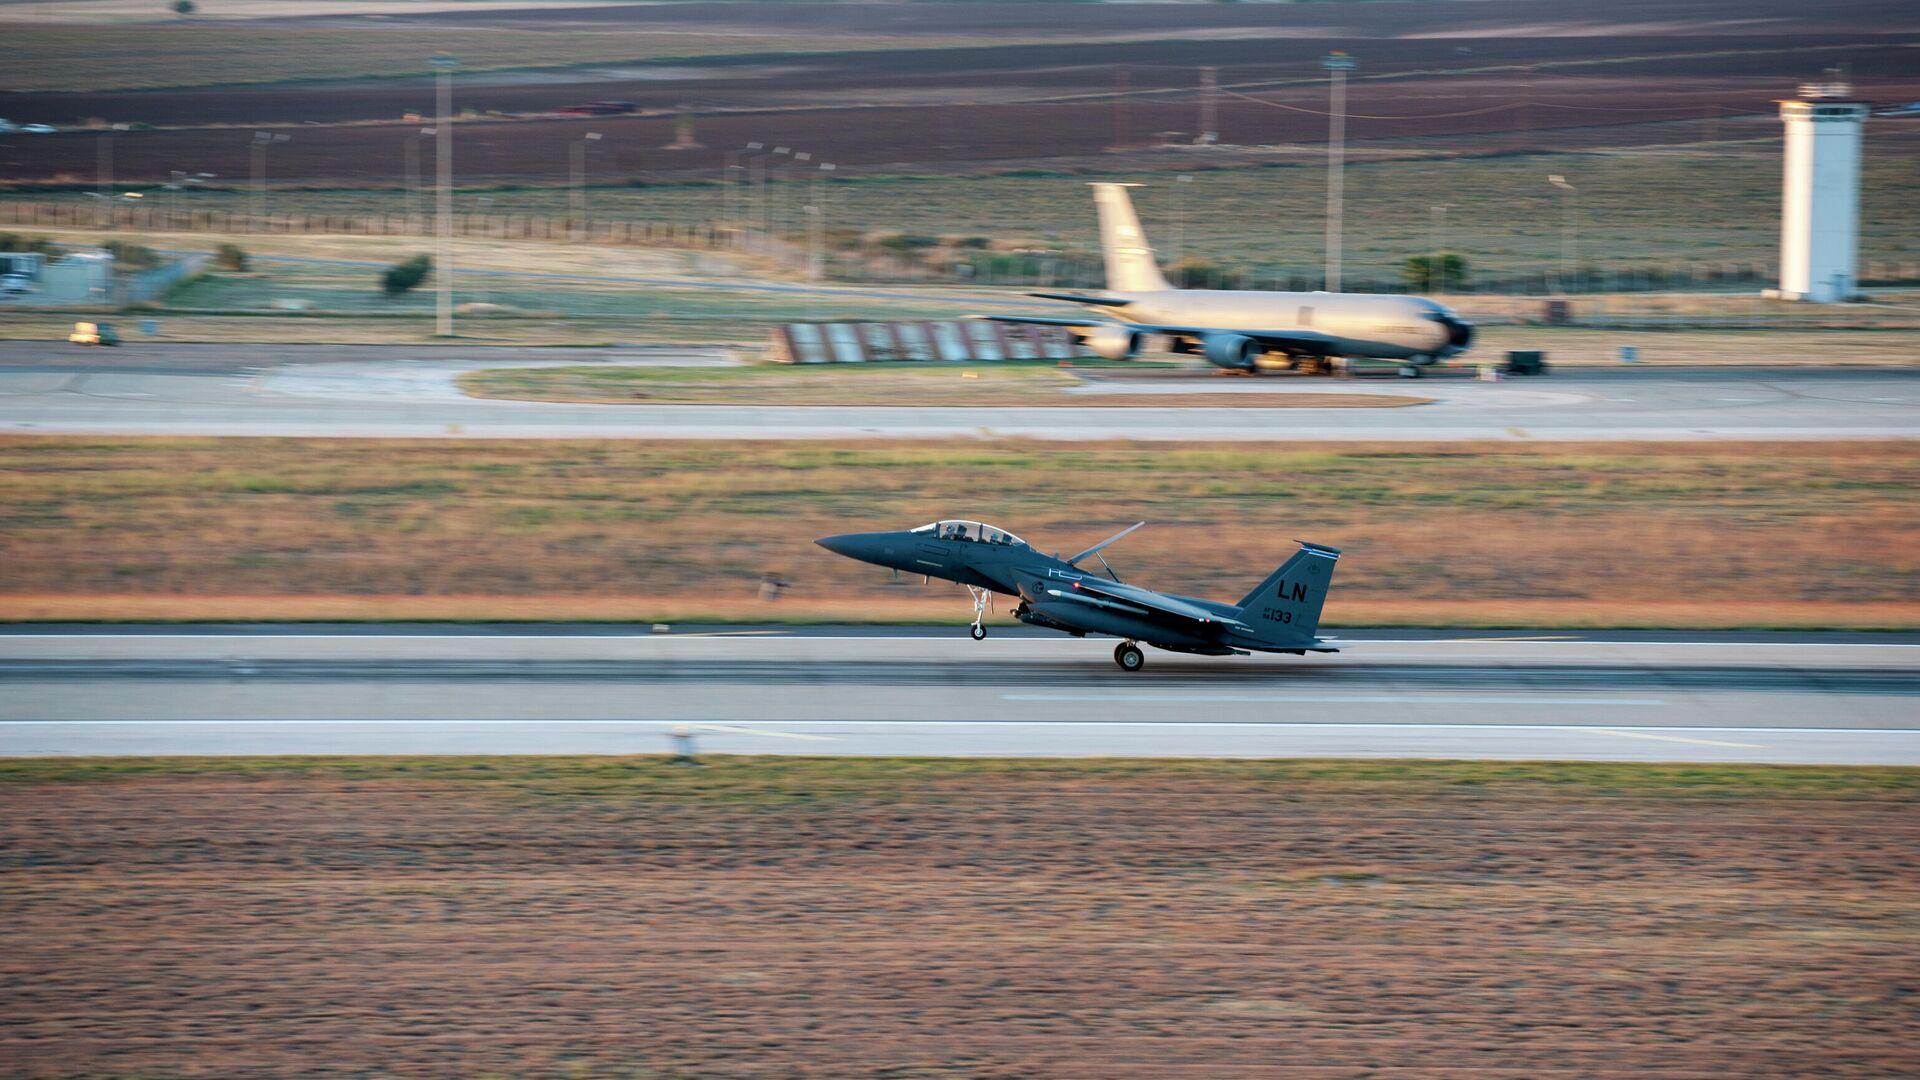 Истребитель ВВС США F-15E Strike Eagle на авиабазе Инджирлик, Турция - РИА Новости, 1920, 20.03.2021